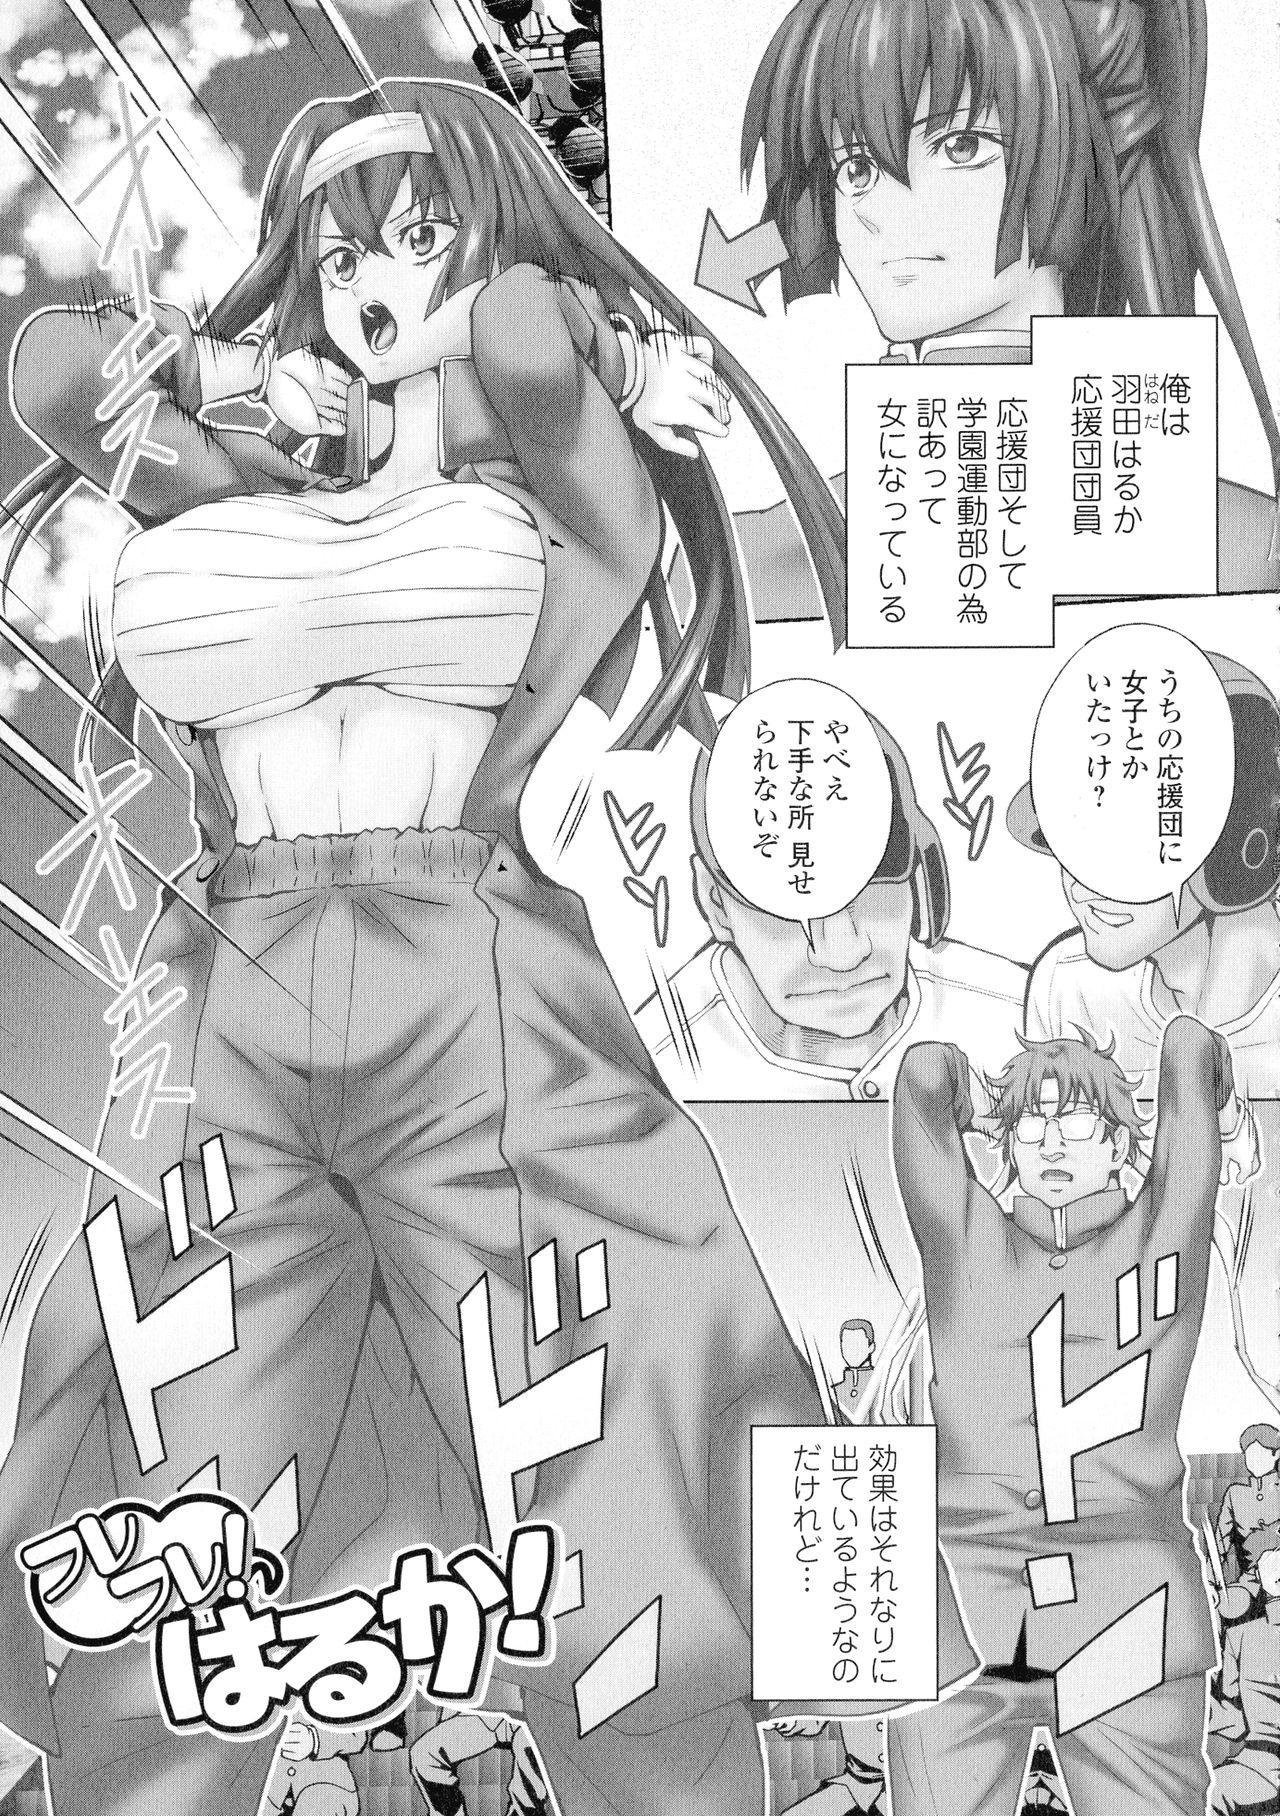 Futanari Tsunagari - Androgynos Sexual intercourse 97